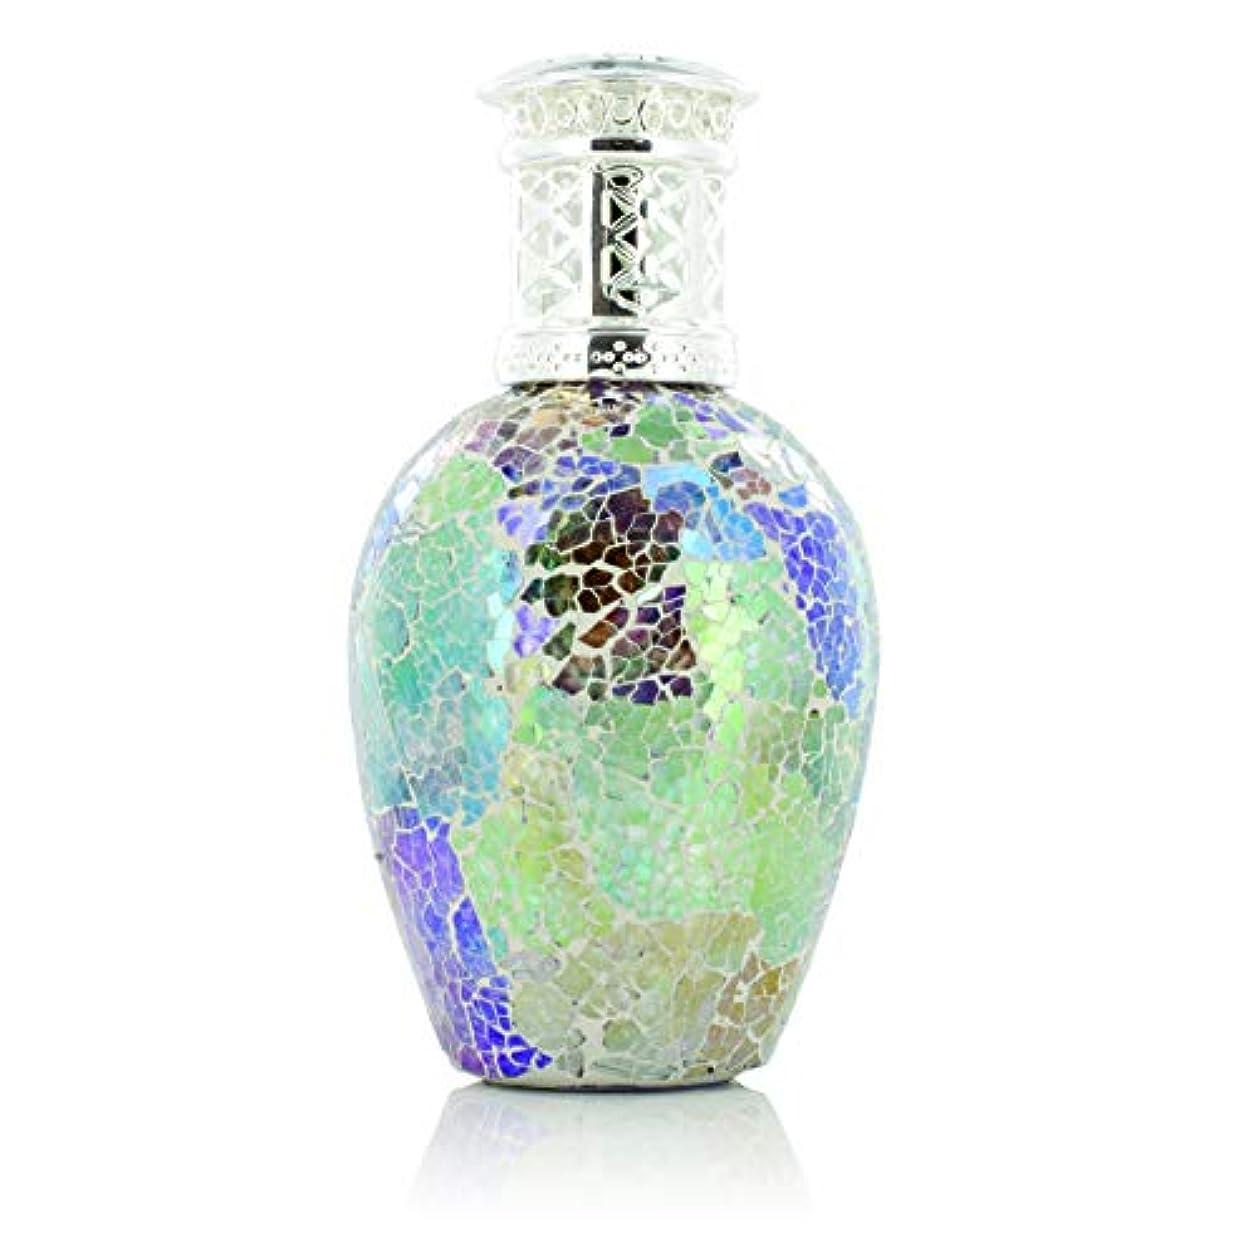 創始者編集する征服Ashleigh&Burwood アシュレイ&バーウッド Fragrance Lamps size L フェアリーダスト